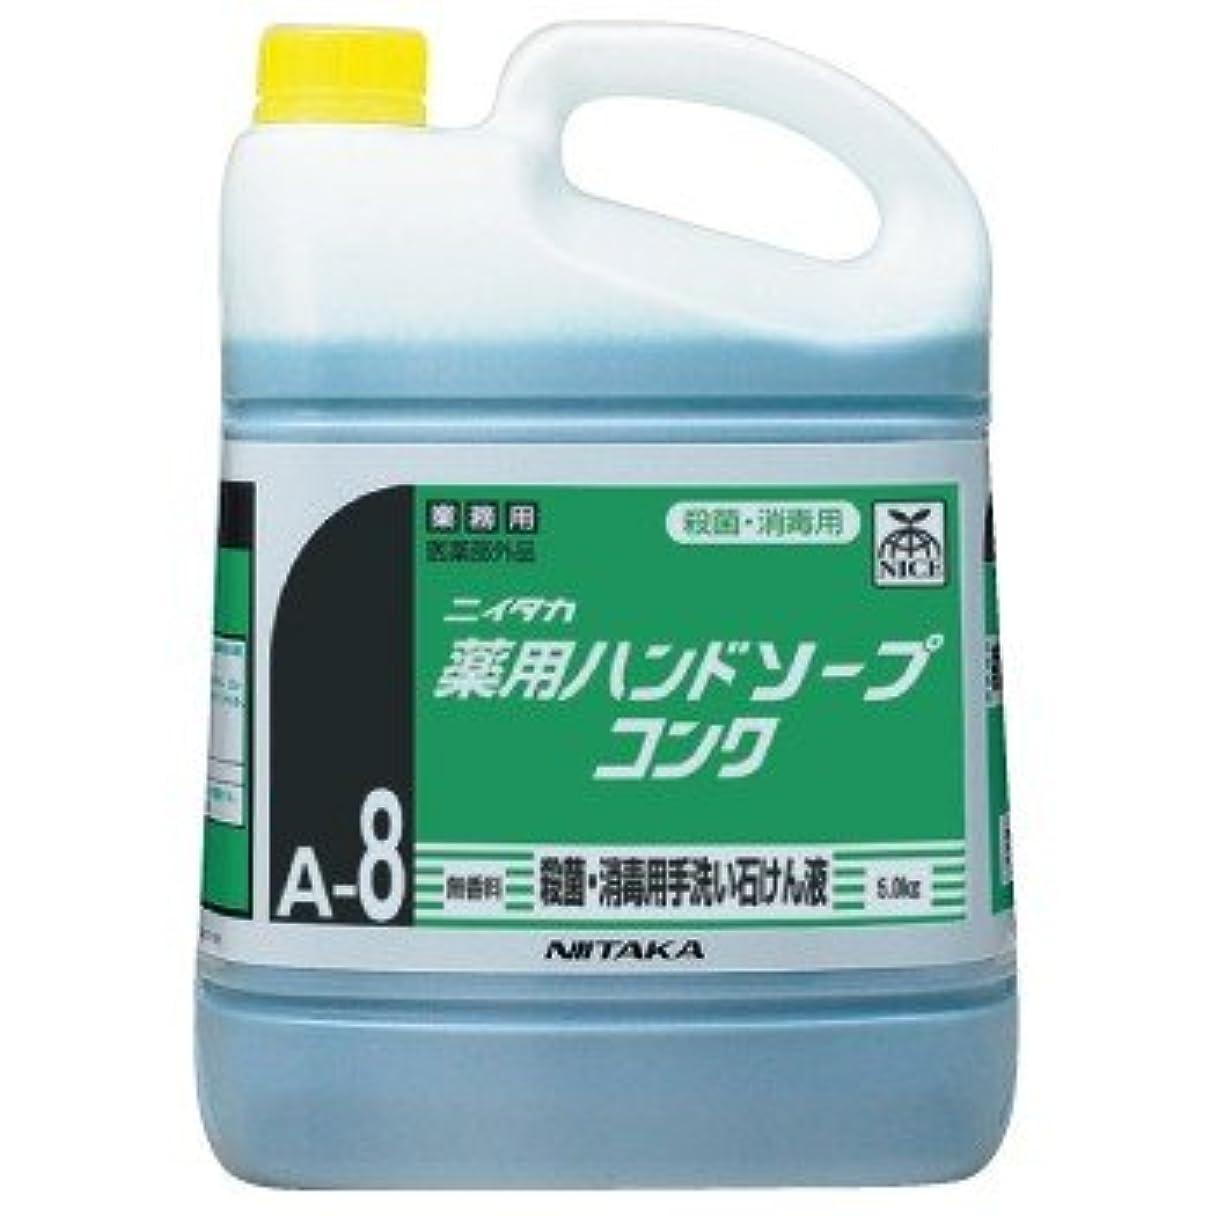 修正する石鹸オークションニイタカ 薬用ハンドソープコンク 5kg×1本